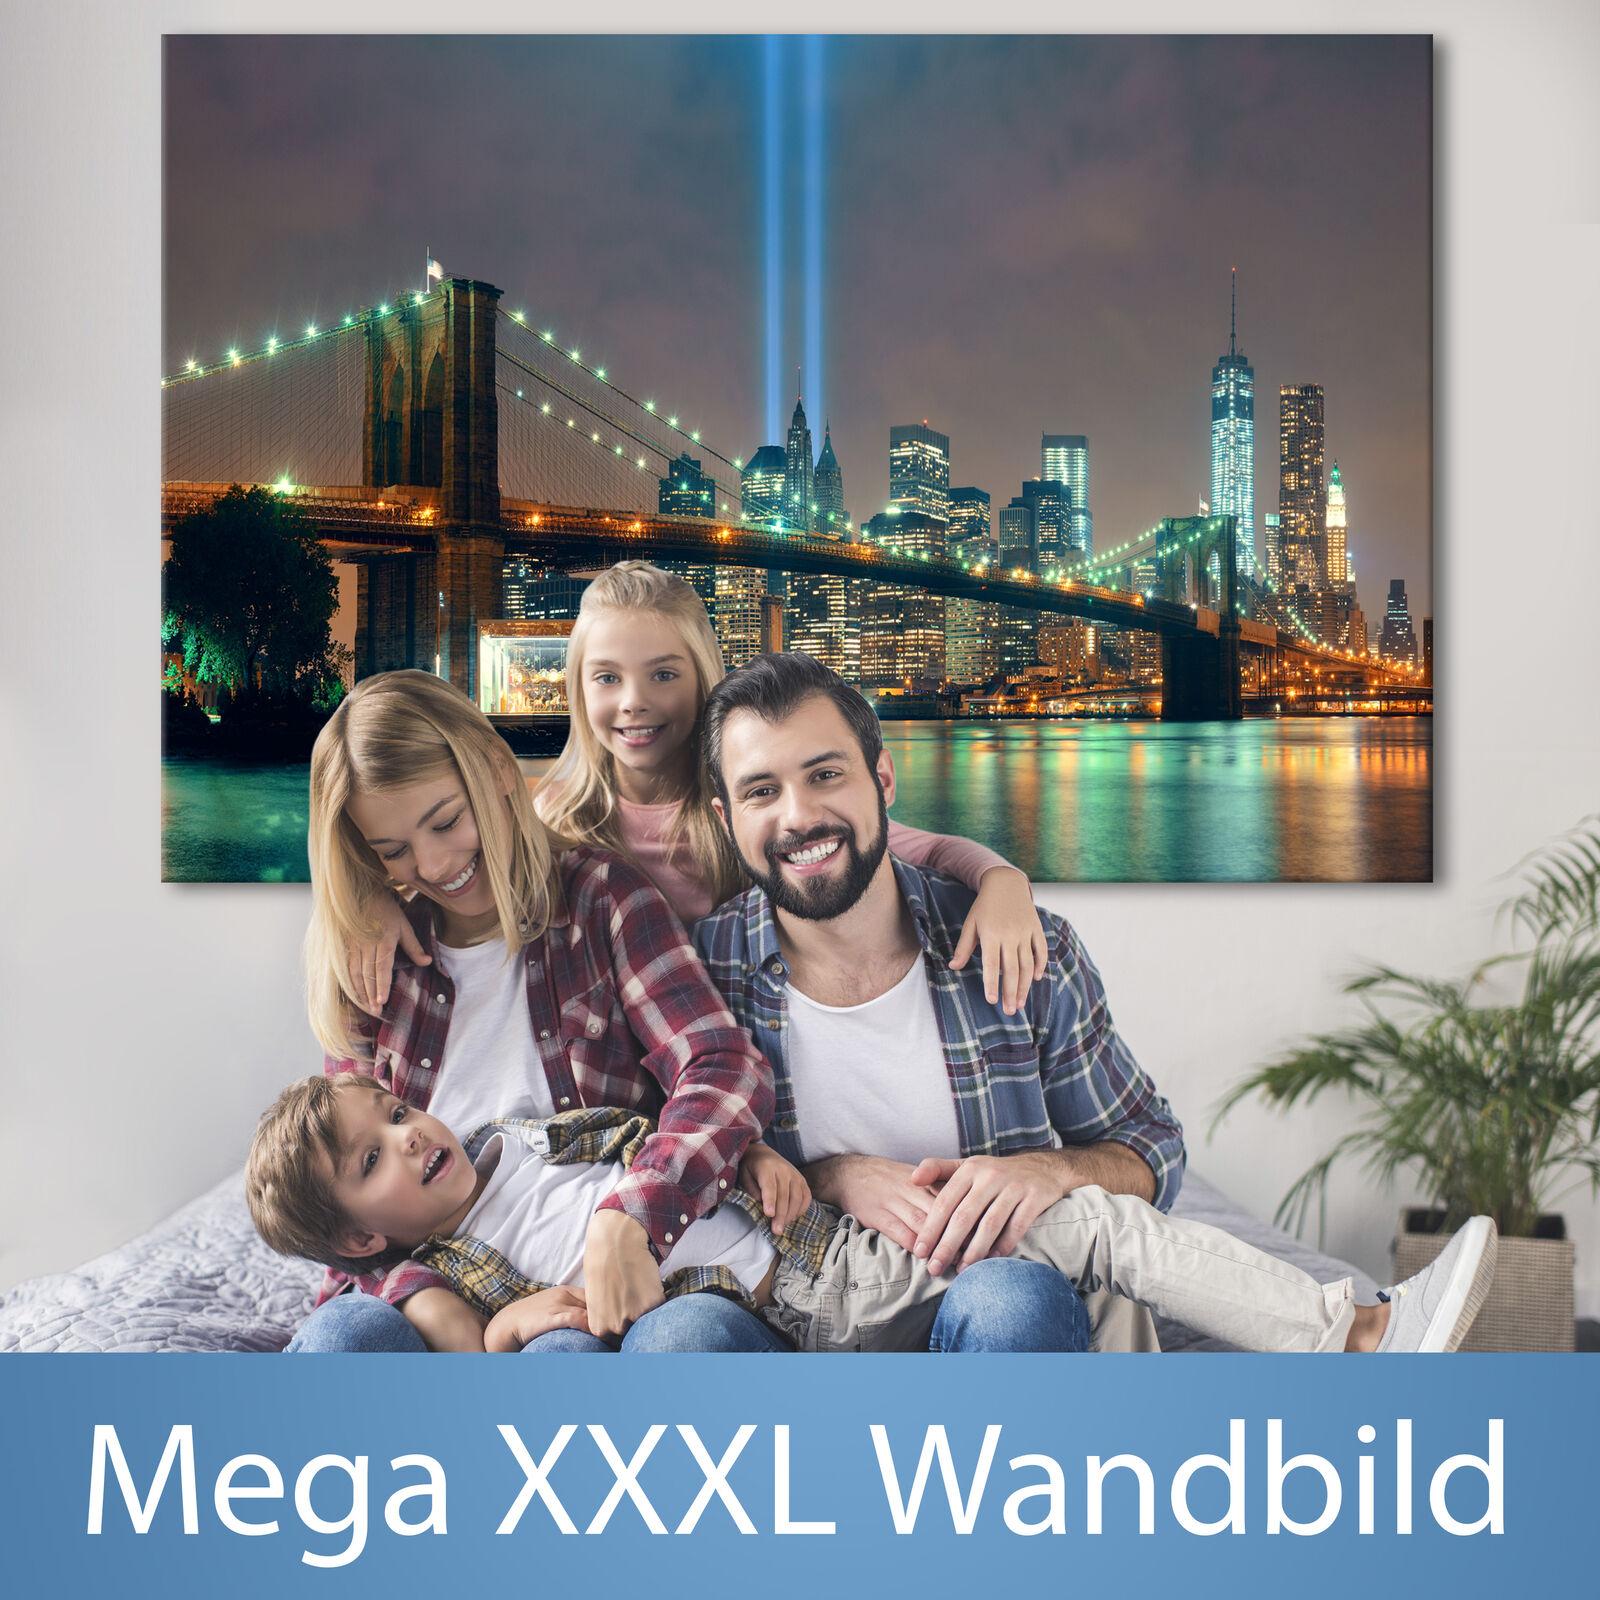 NEW YORK XXXL Wandbild Riesenformat Leinwandbild DIY Canvas Bild d-B-0088-ak-a